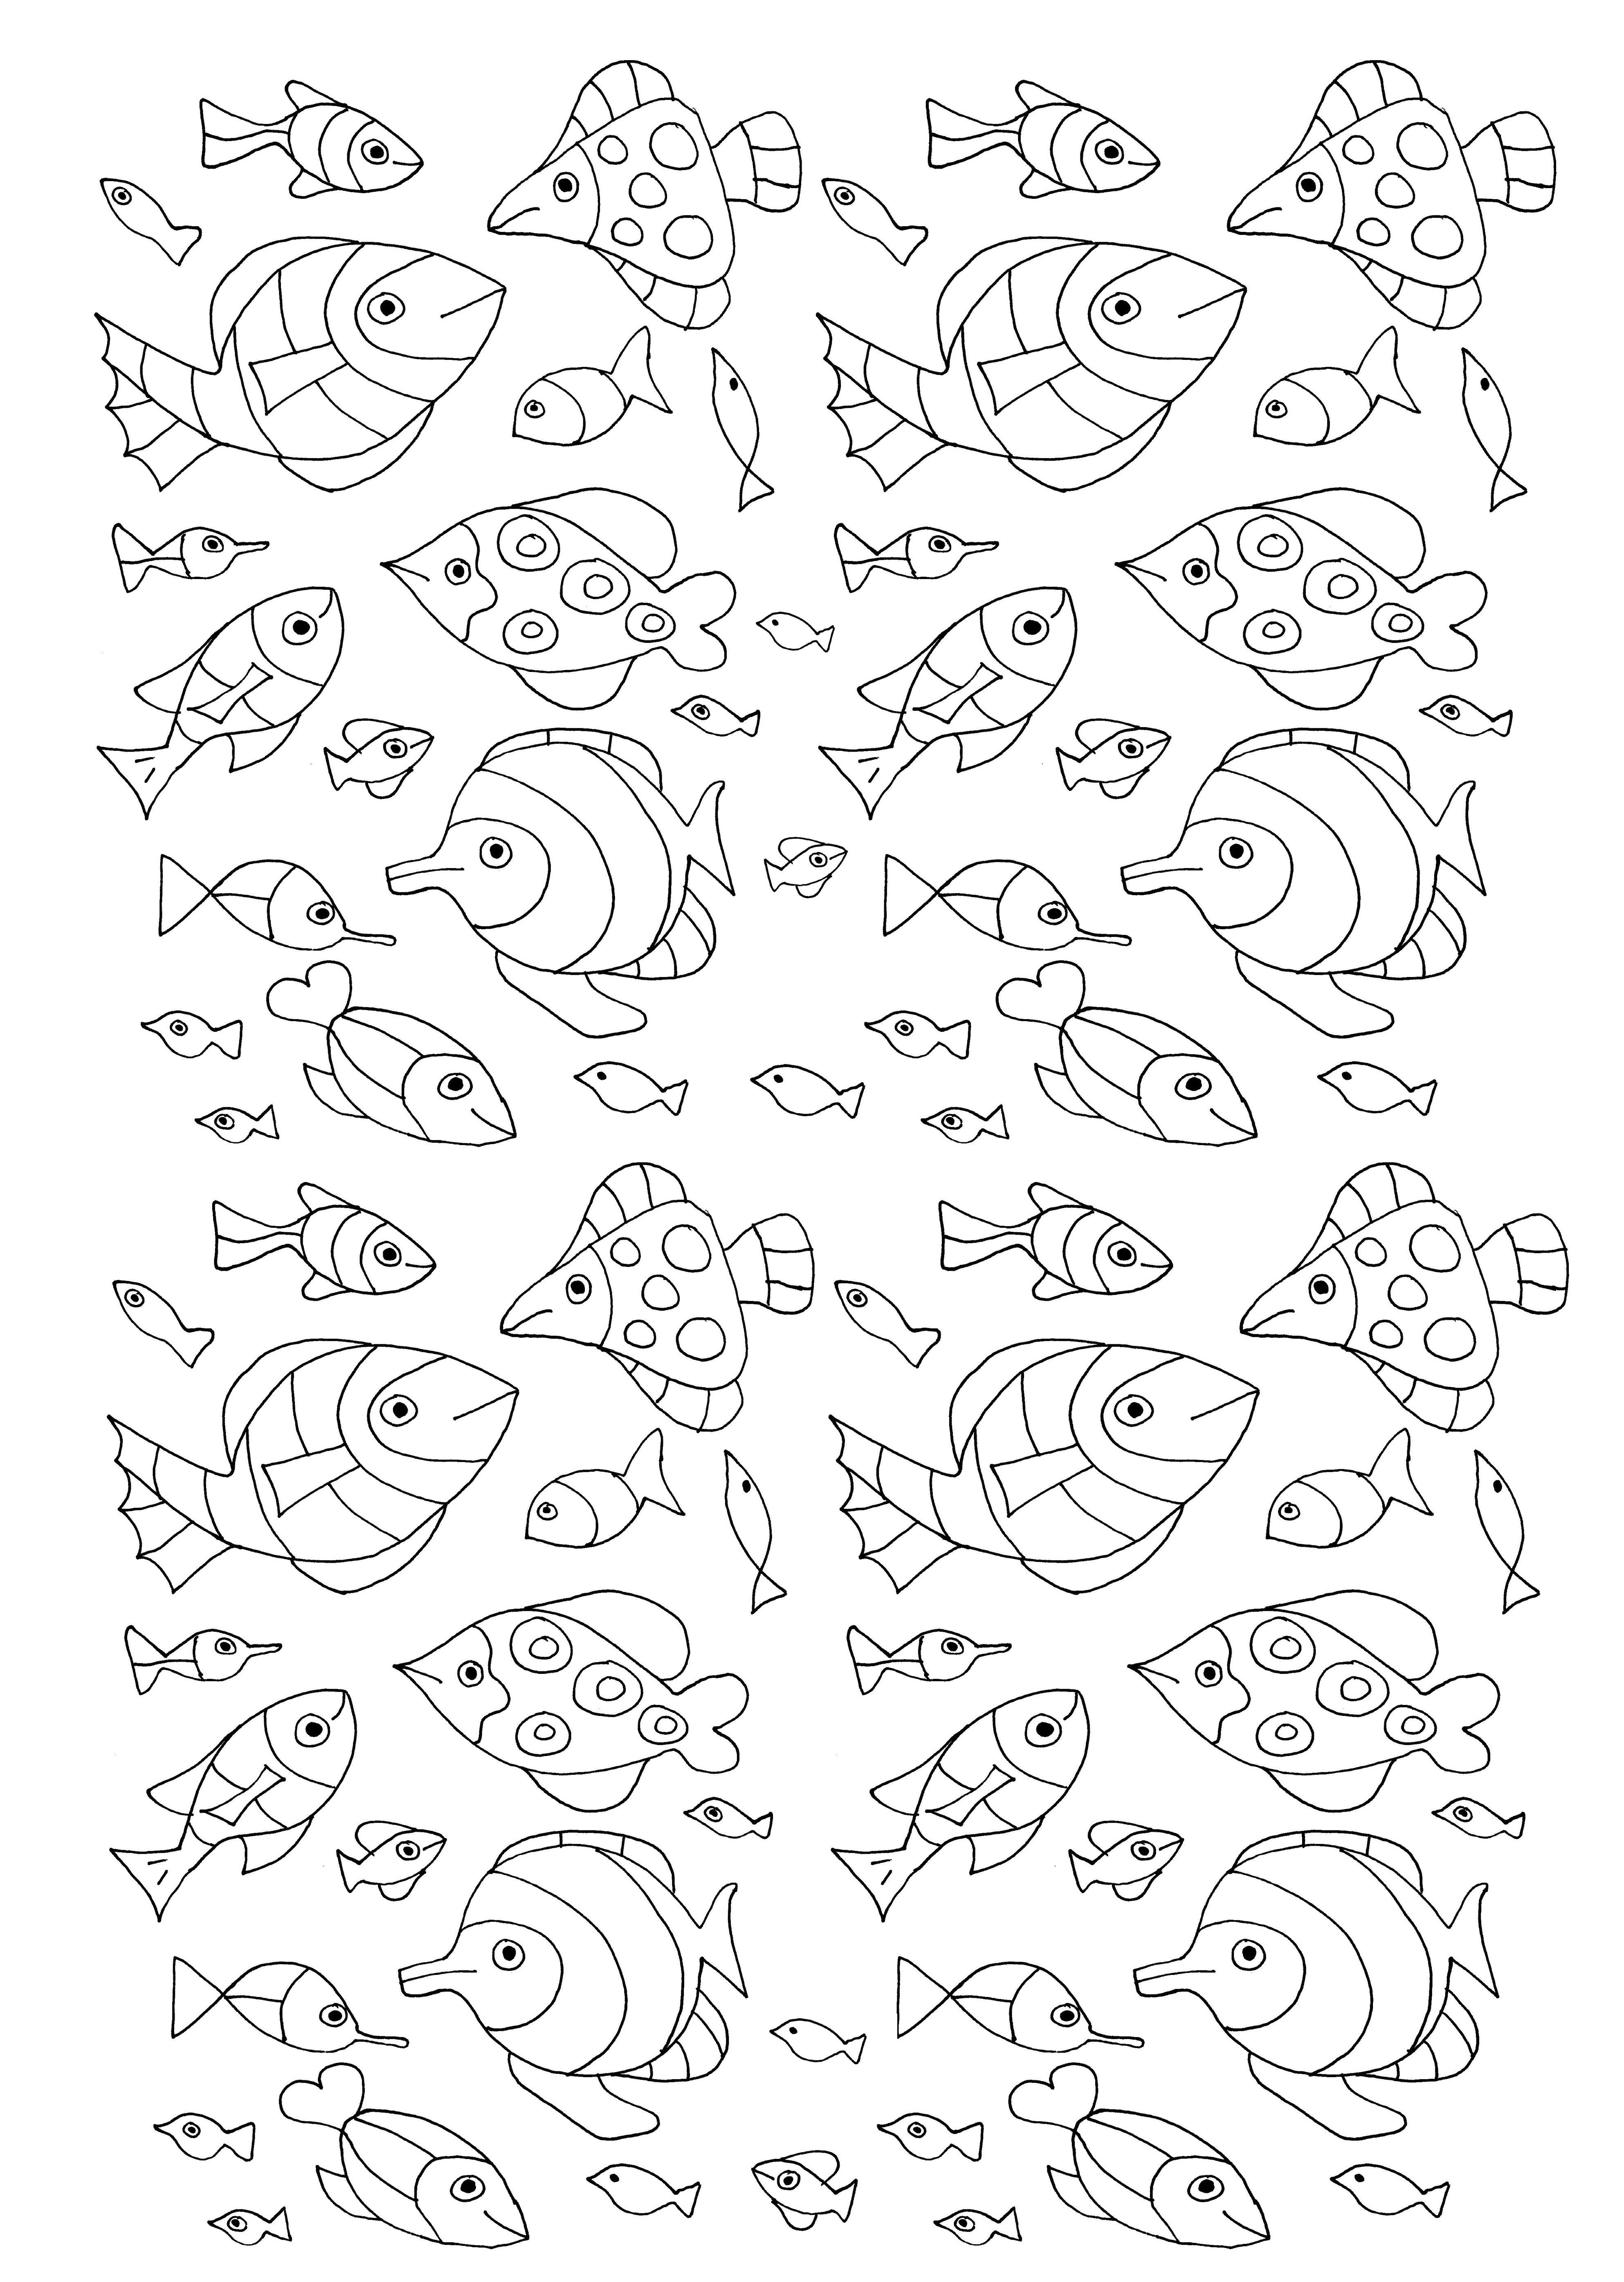 Colorear para adultos : Mundos acuáticos - 14